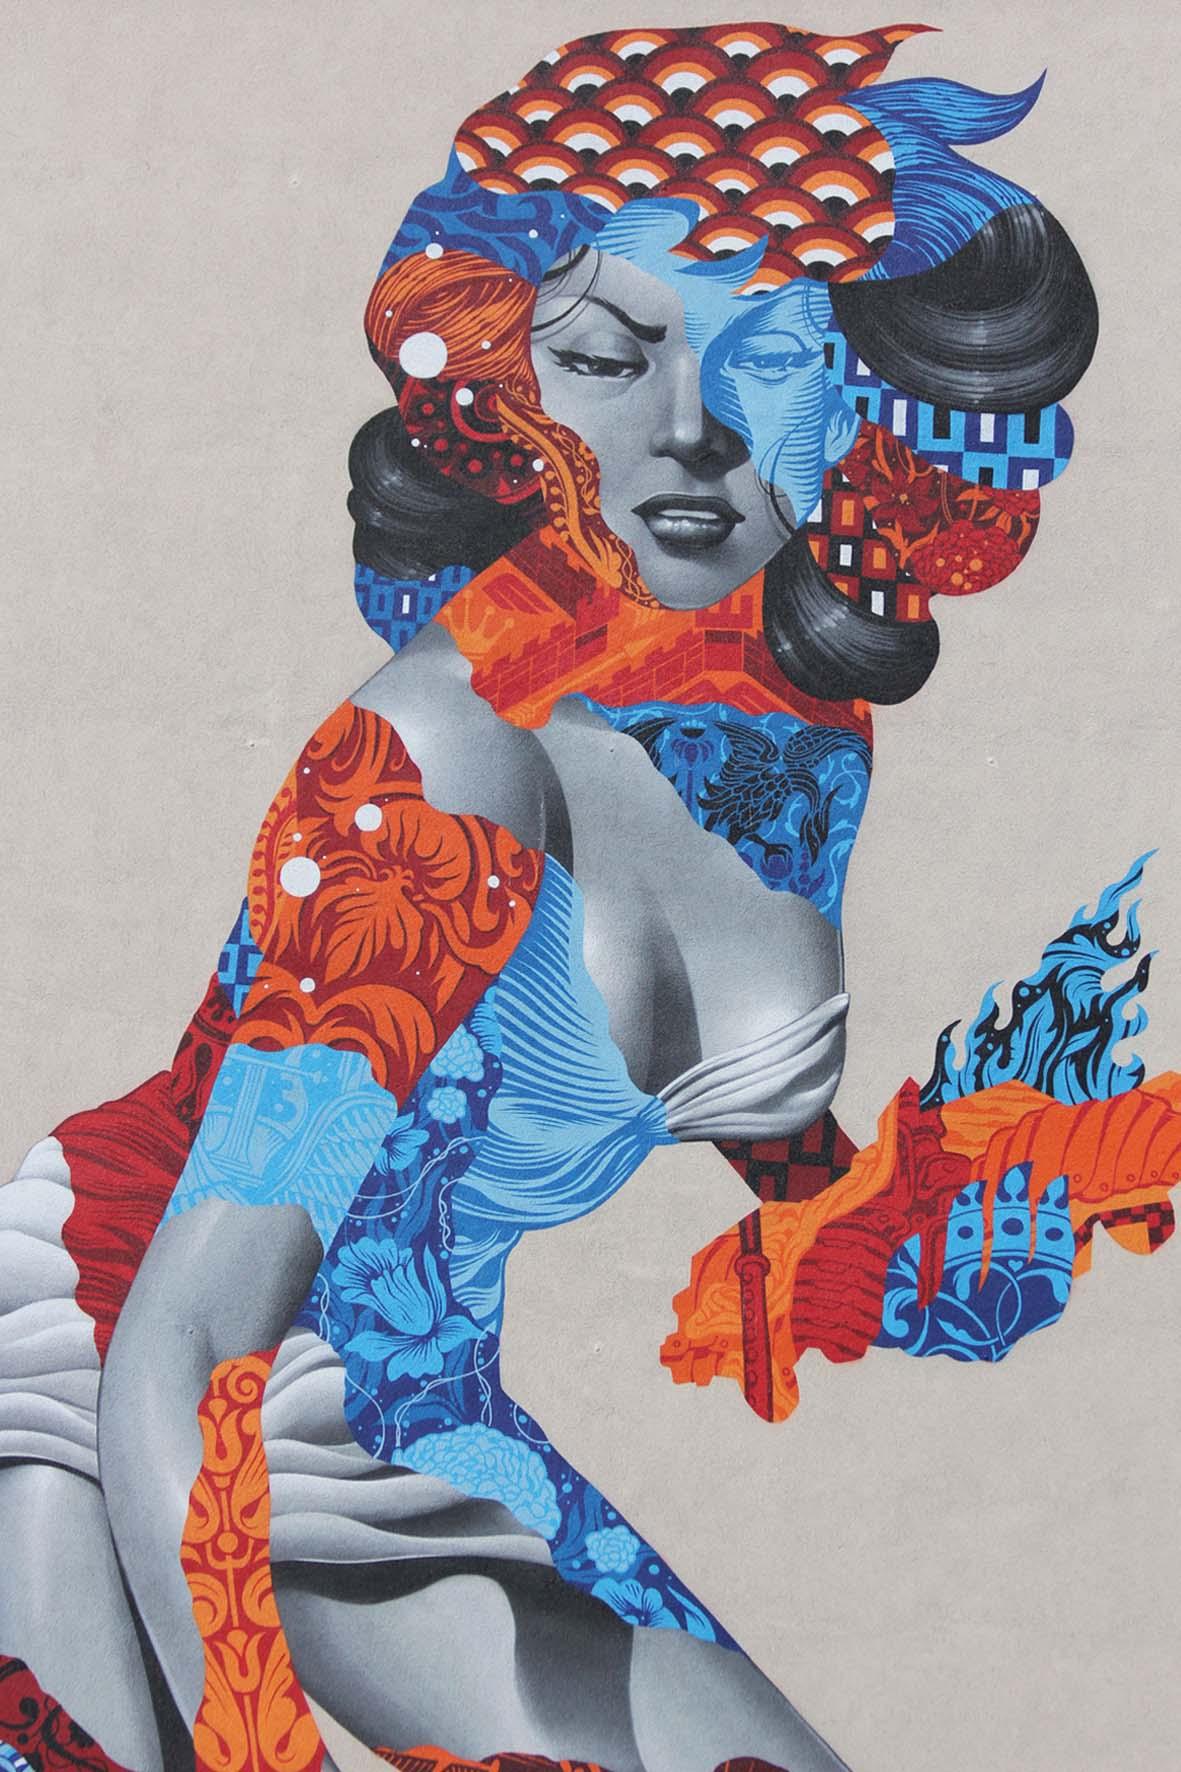 Eine Nahaufnahme des Street Art Murals Attack of the 50 Foot Socialite von Tristan Eaton am Am Friedrichshain 33 in Berlin